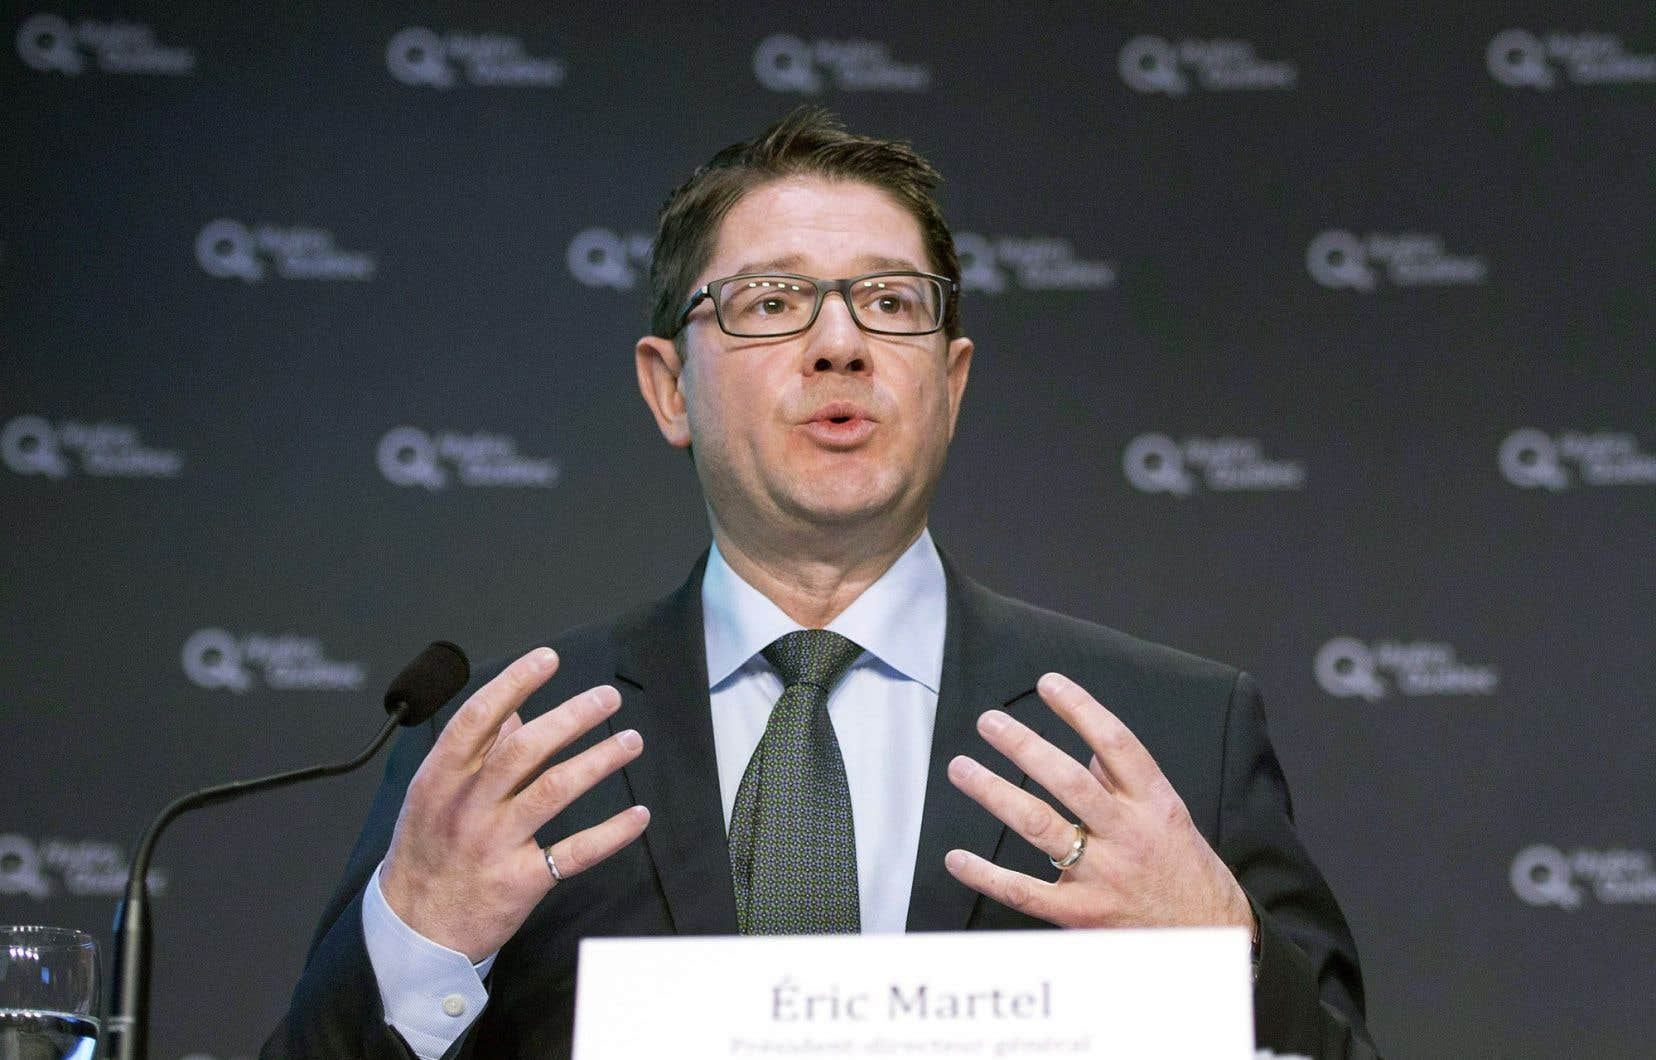 Éric Martel, le président d'Hydro-Québec